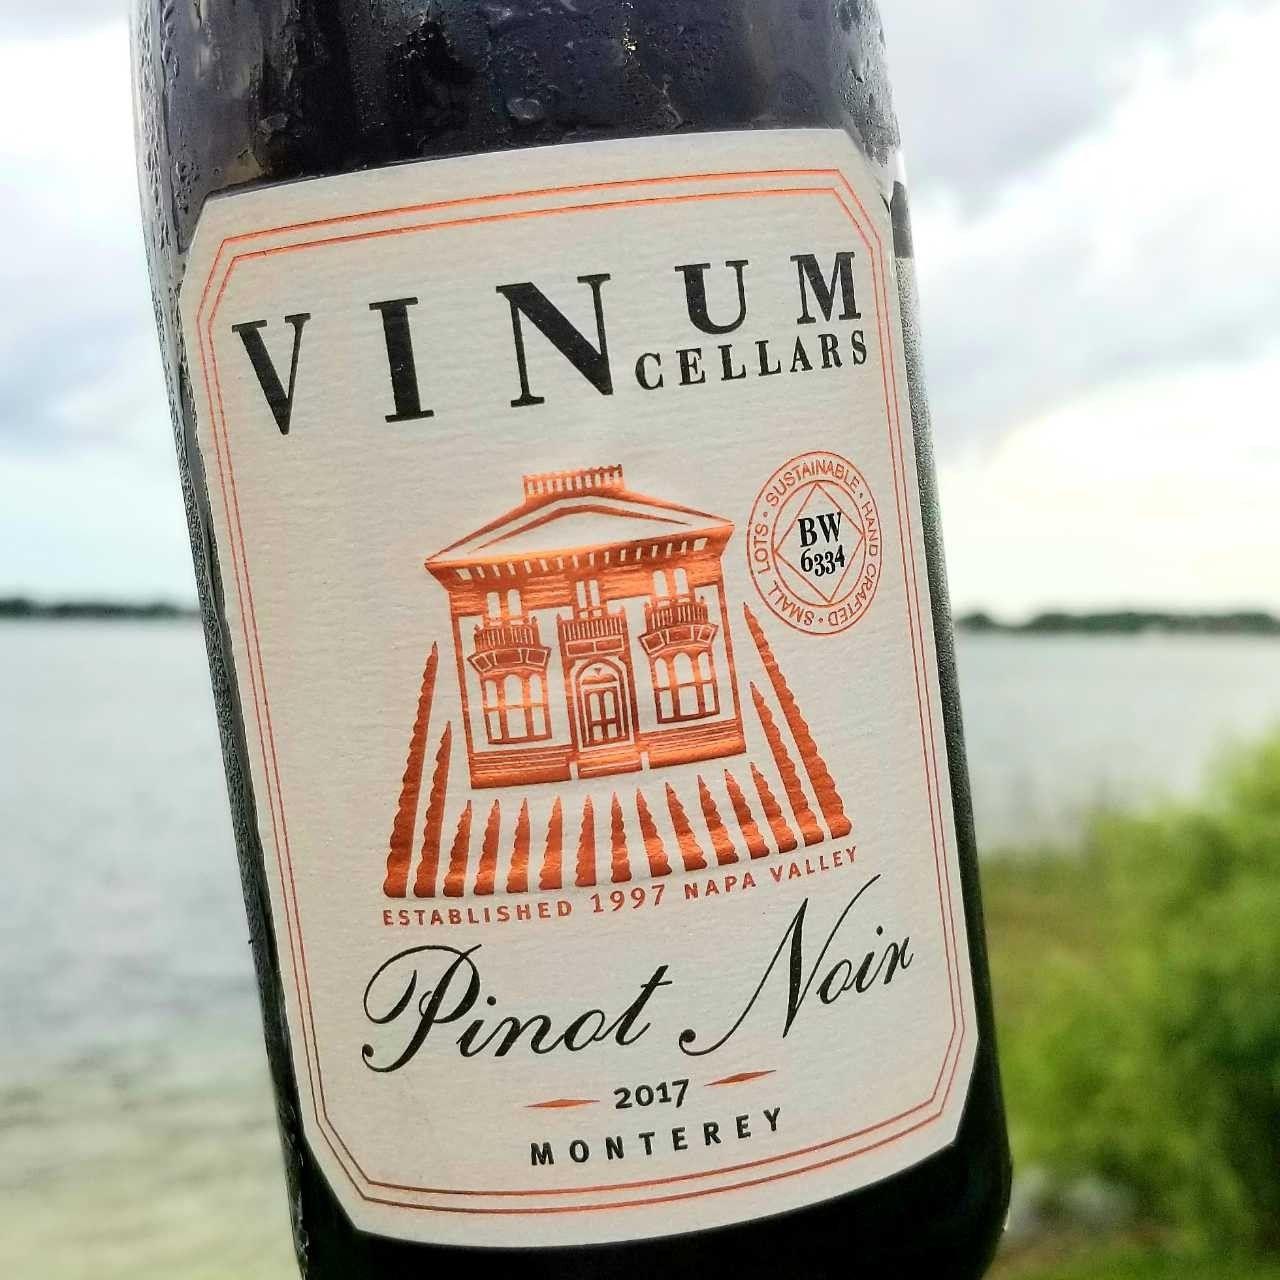 Vinum Cellars Pinot Noir 2017 Monterey County California In 2020 Pinot Wine Writer Pinot Noir